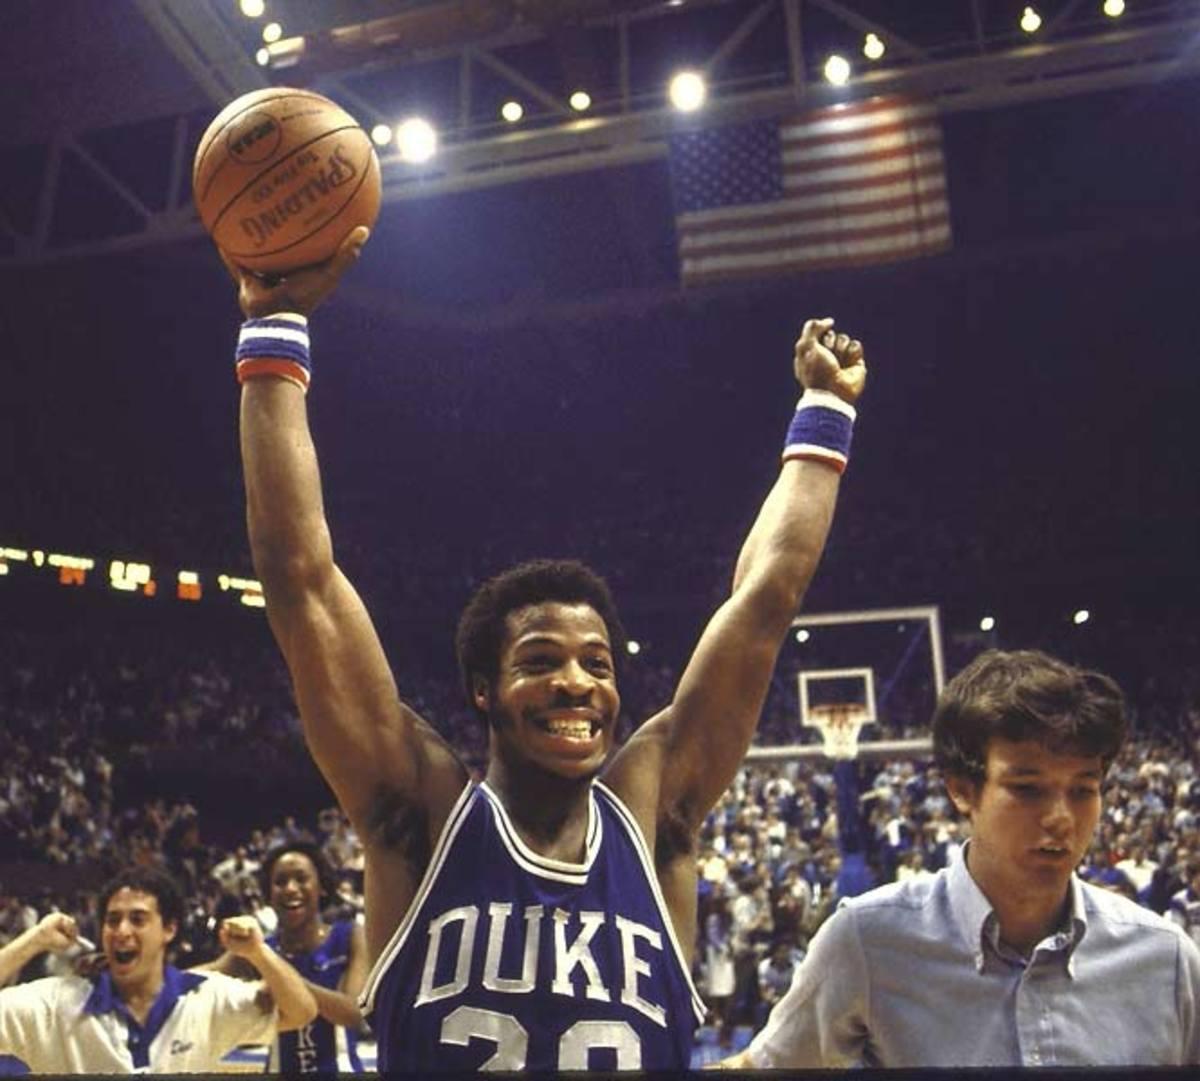 February 28, 1981